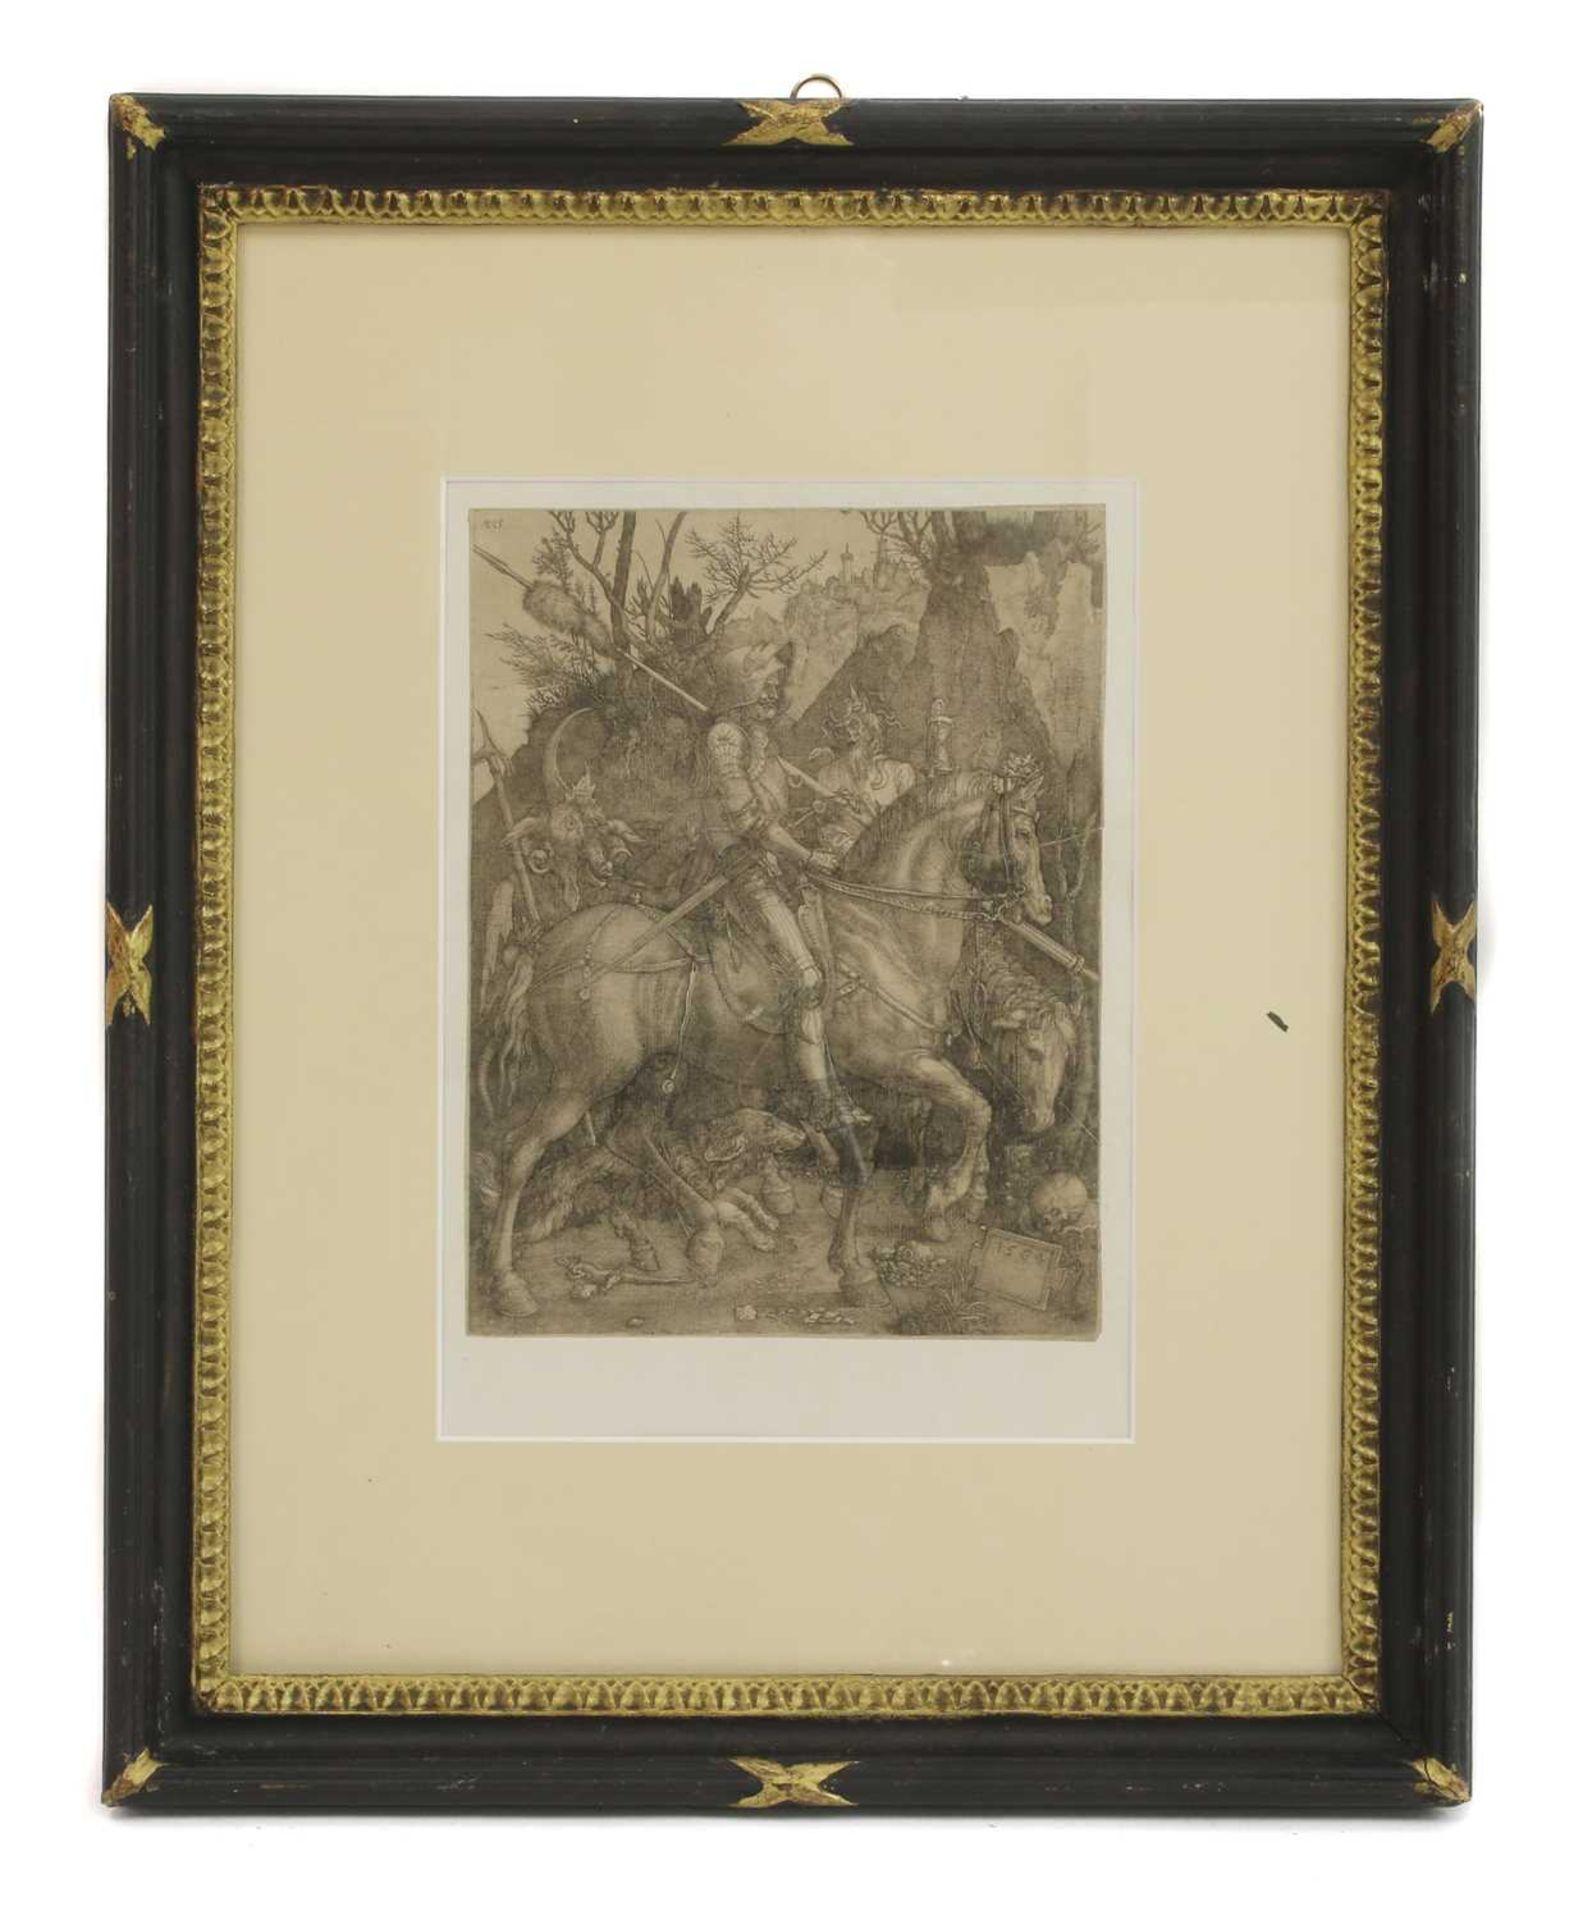 After Albrecht Dürer (German, 1471-1528) - Image 2 of 4